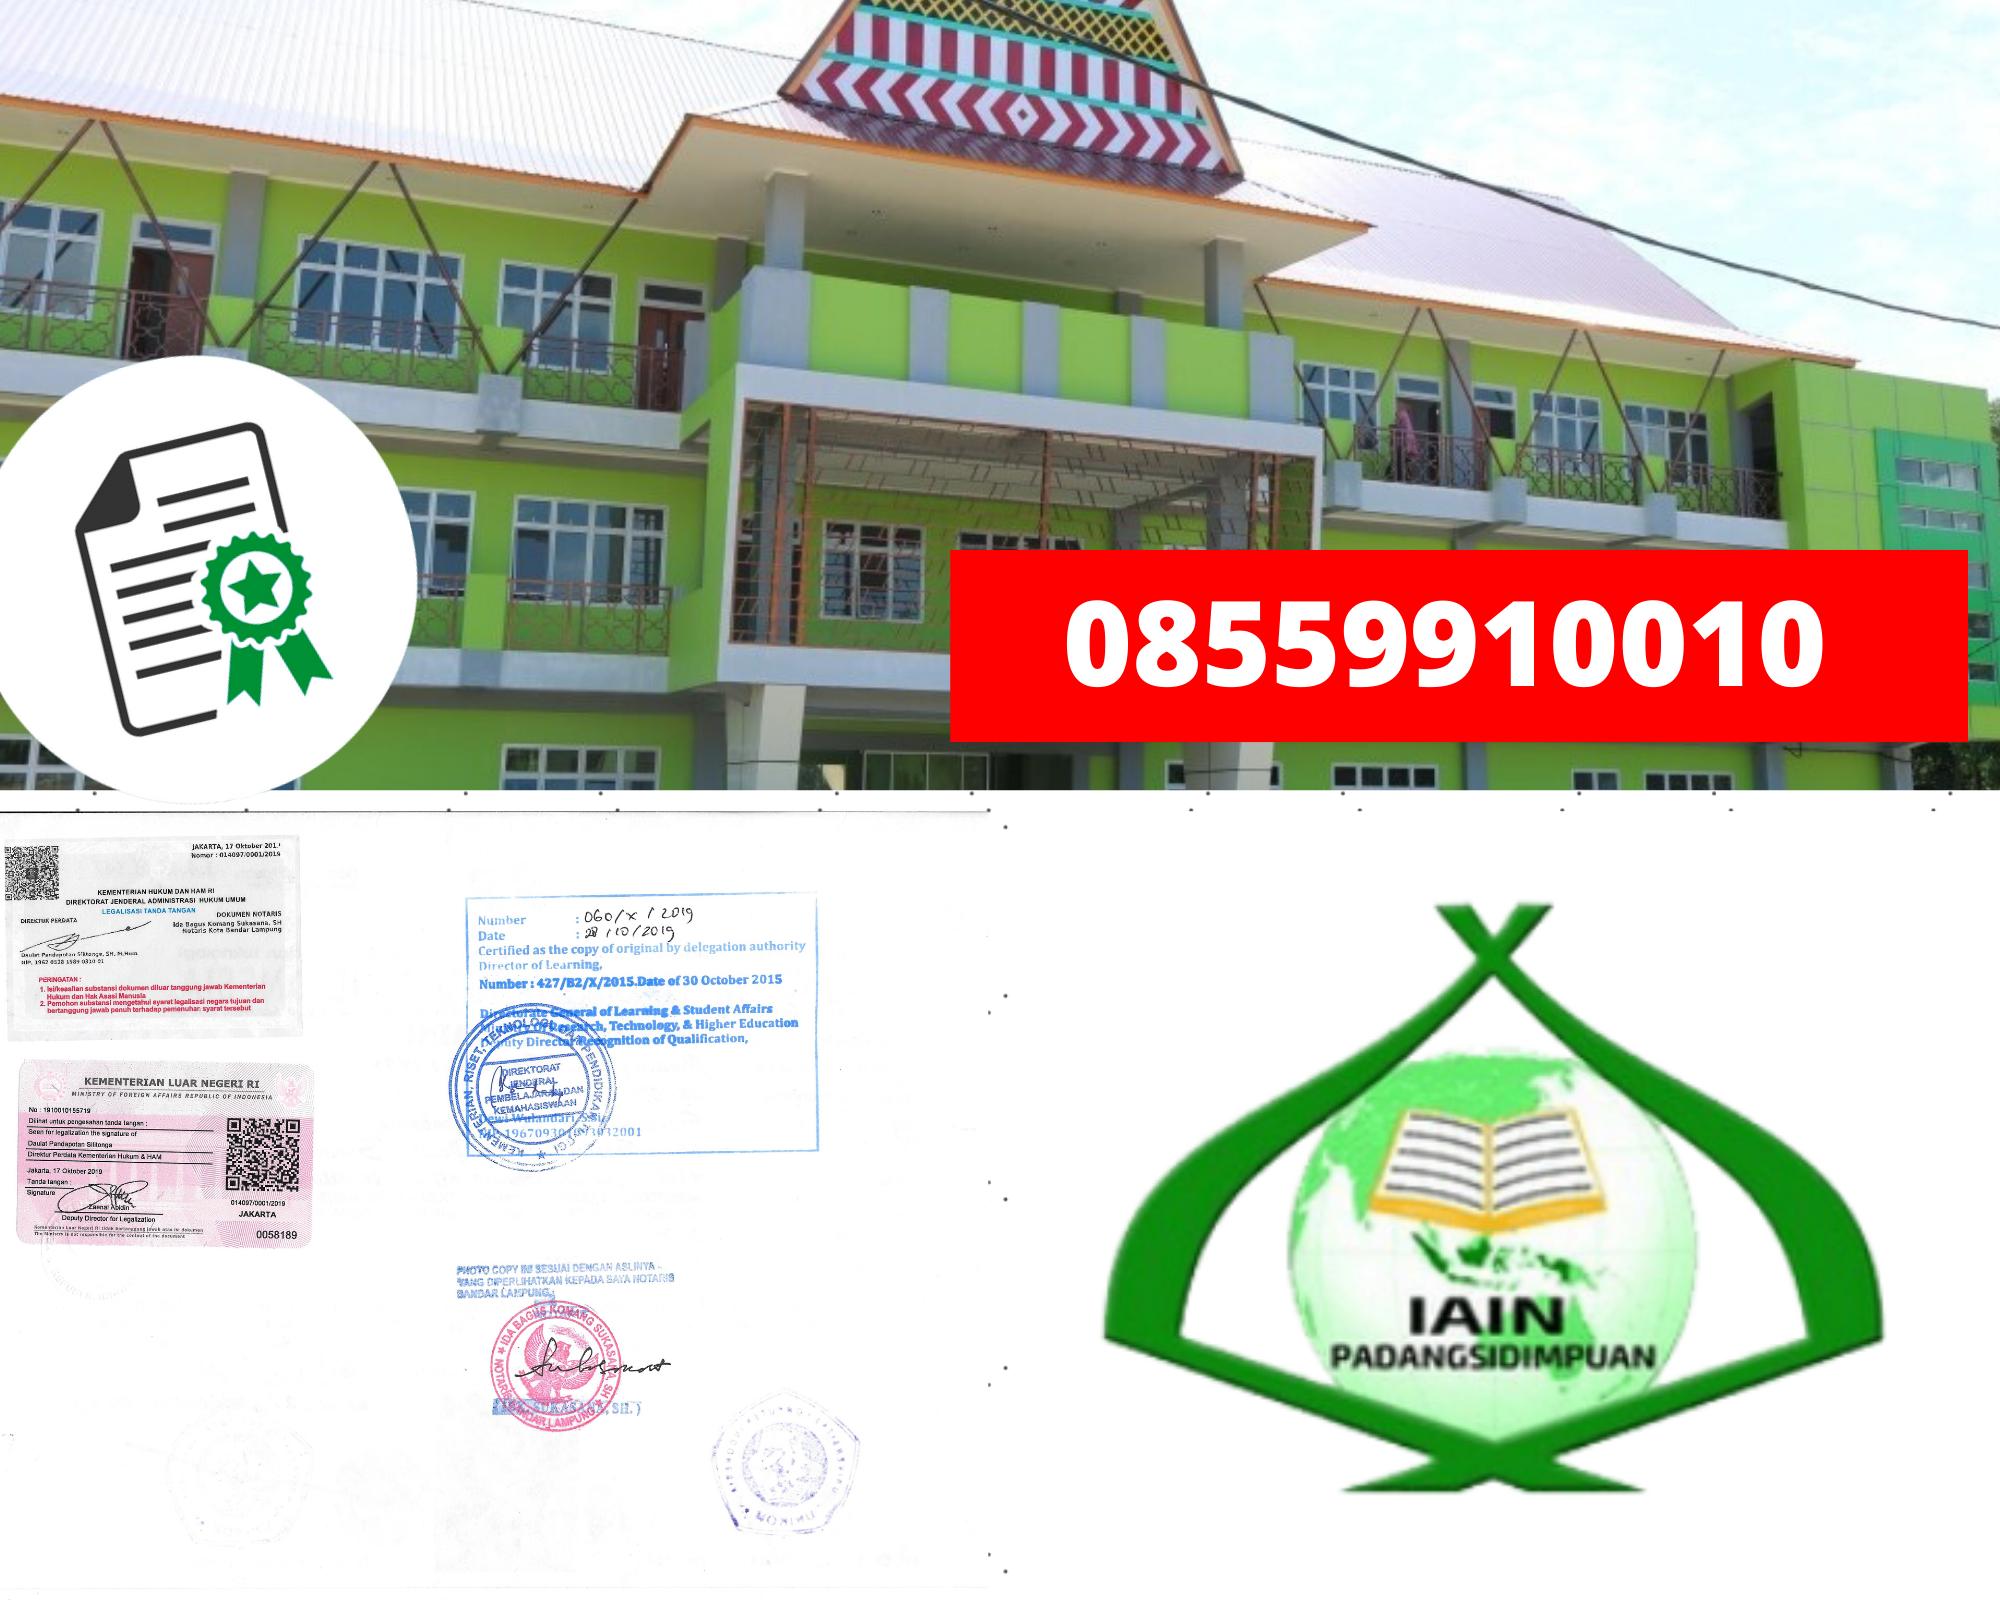 Legalisir Ijazah Institut Agama Islam Negeripadangsidempuan Di Kemenristek Dikti || 08559910010